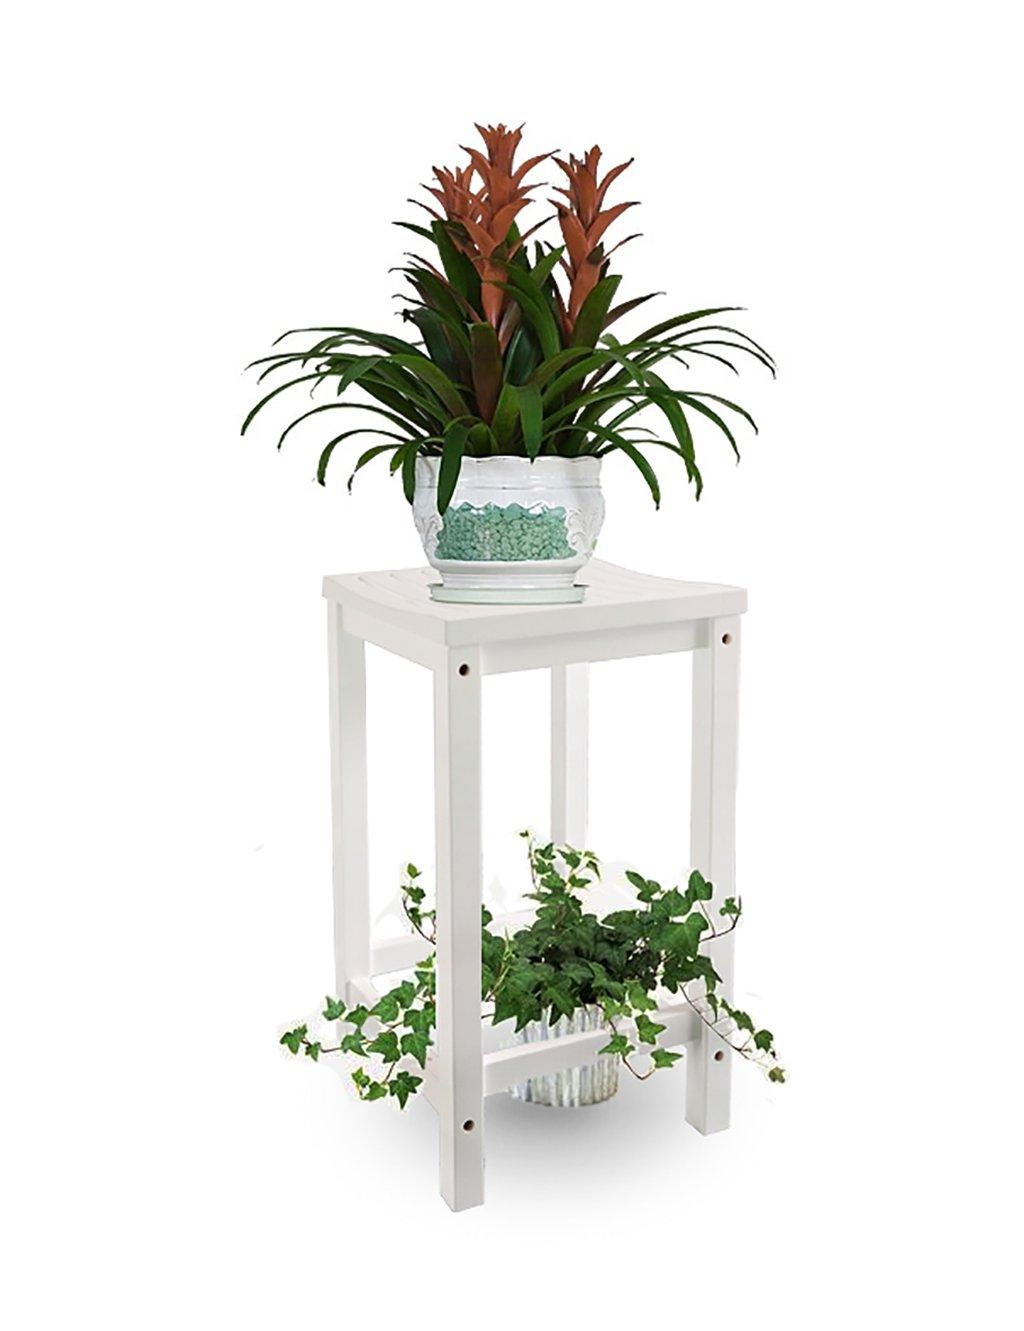 Europäische Einfache Massivholz Blumenregal Multilayer Blumenregal Boden Typ Blumenregal Balkon Boden Pflanzer Regal Einfache und kreative Wohnzimmer Indoor Flower Rack